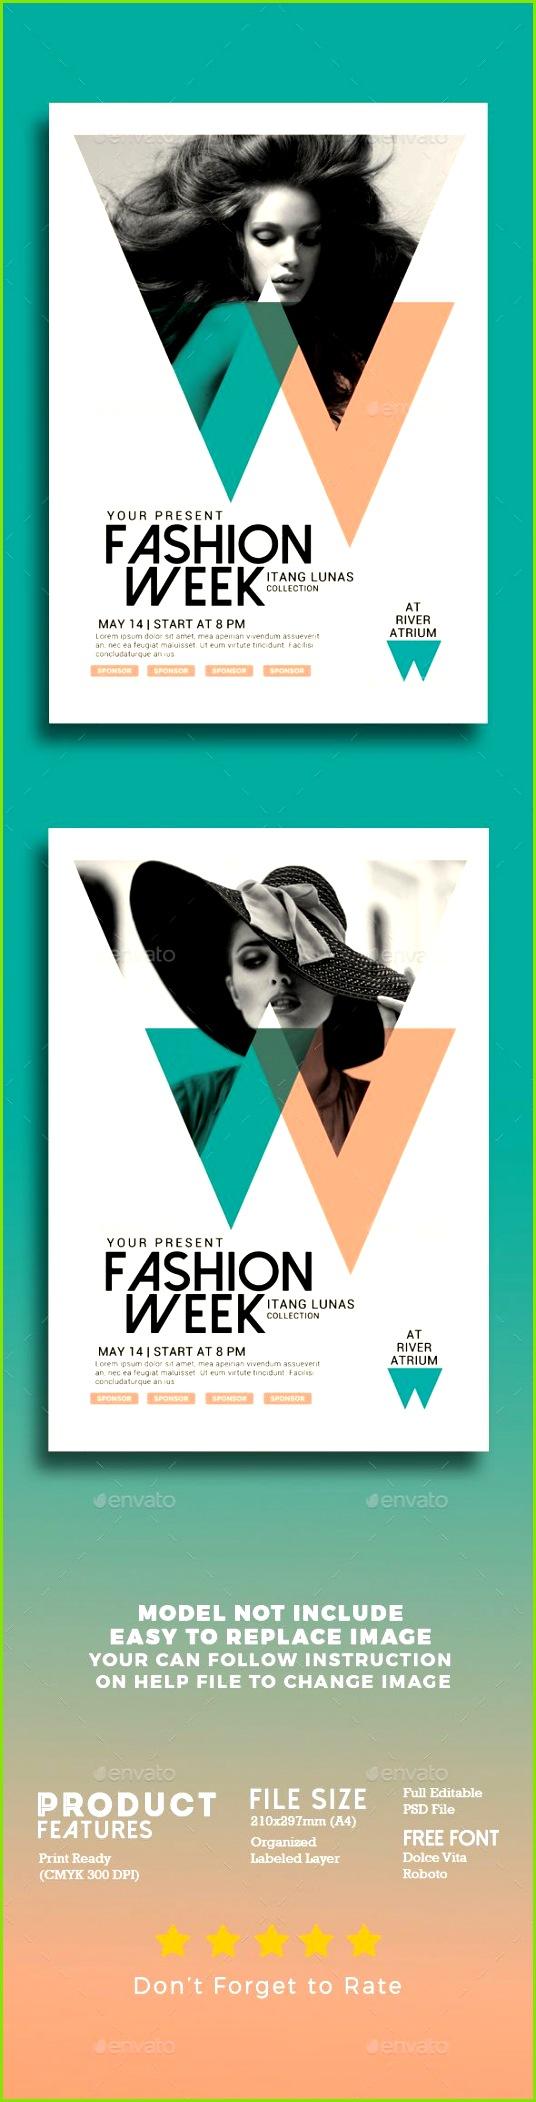 Fashion Week Flyer Template PSD Grafik Design Plakat Mode design vorlage